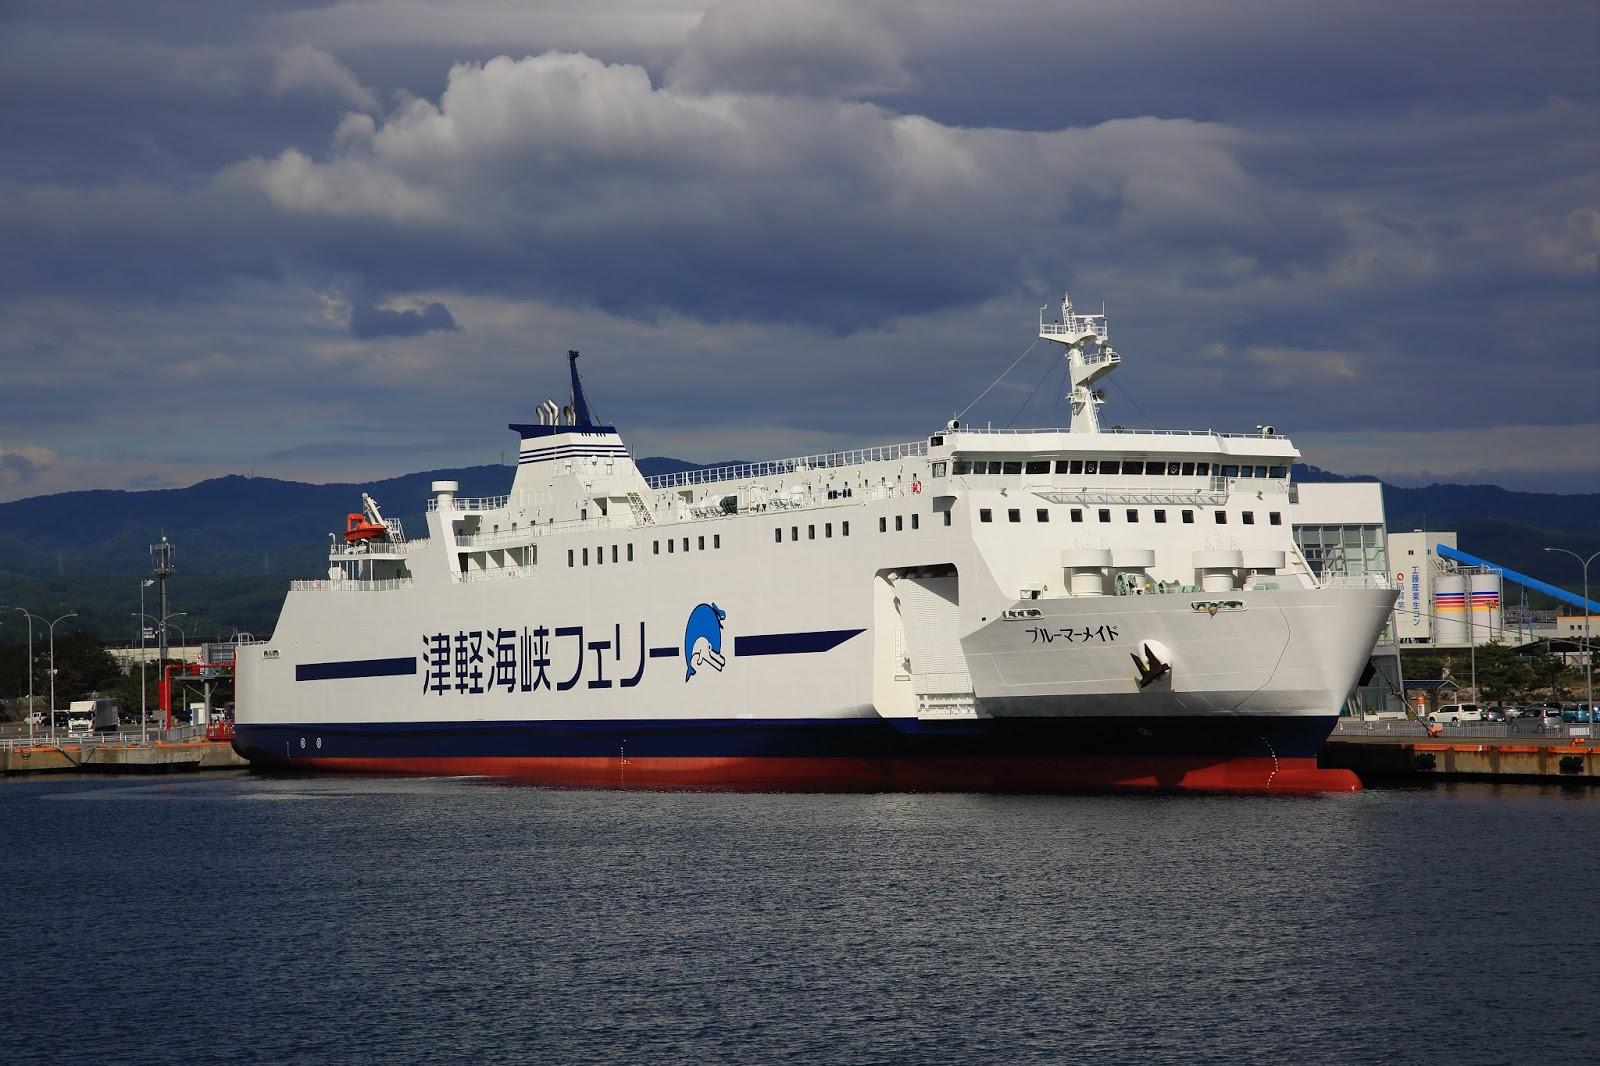 フェリー 津軽 海峡